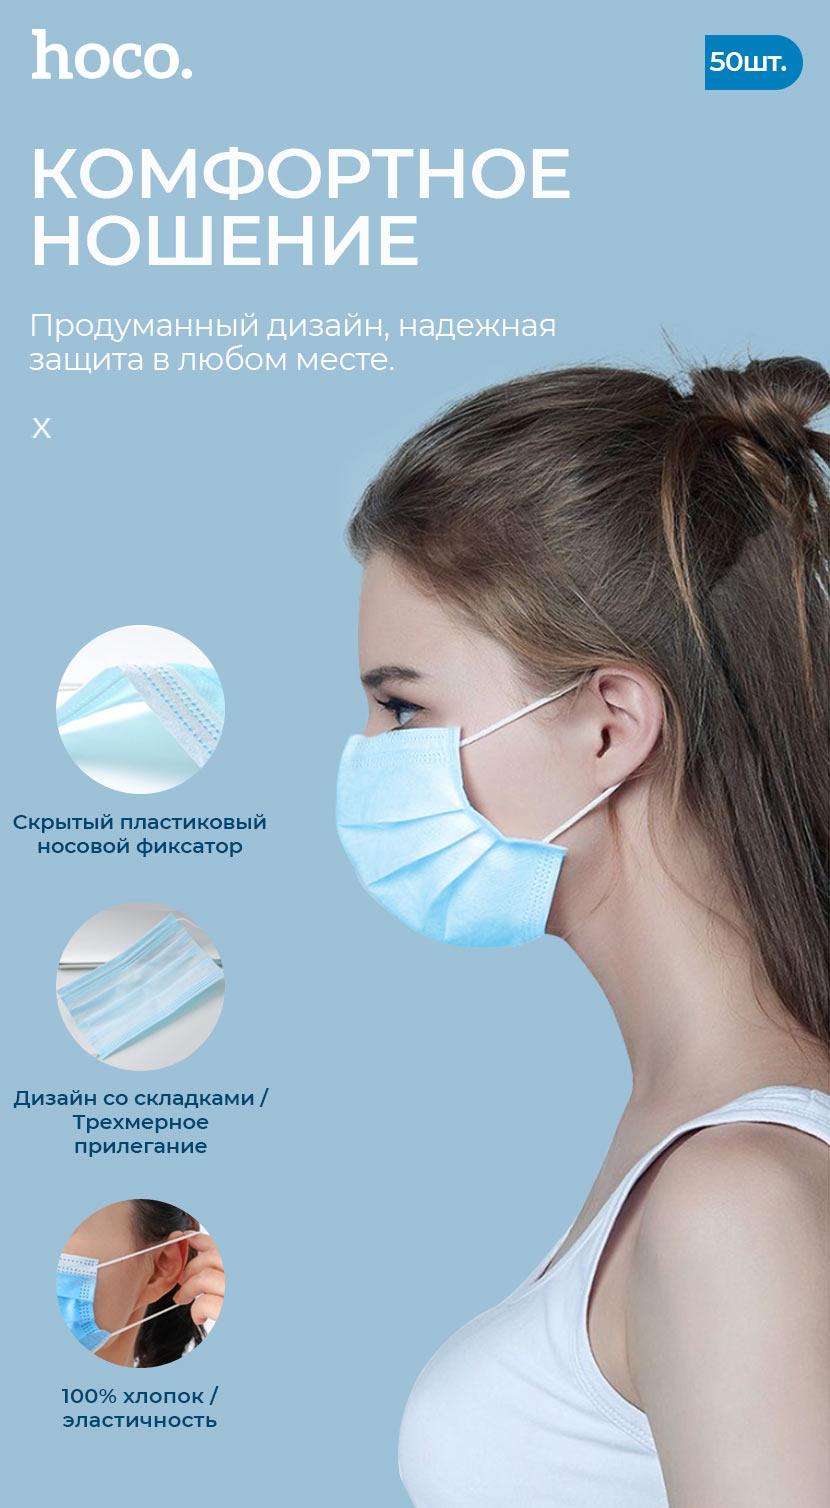 hoco новости одноразовая защитная маска удобная ru